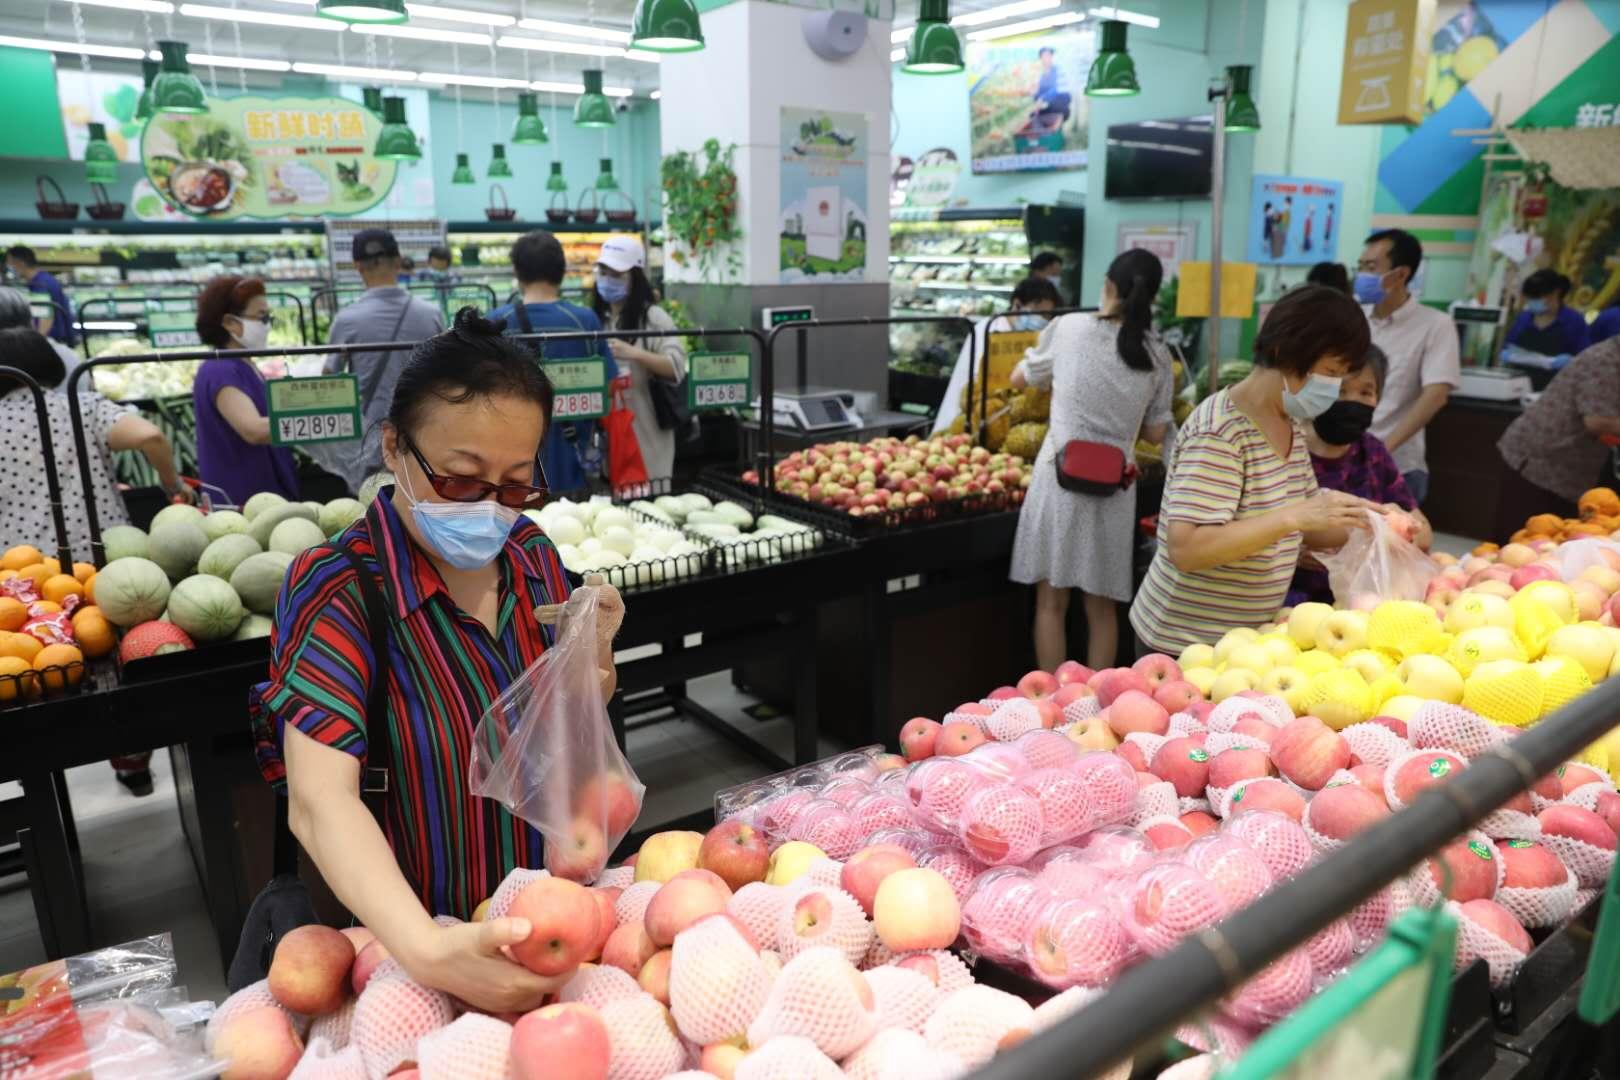 杏悦娱乐:探访北京京客隆杏悦娱乐超市黄瓜销售量图片